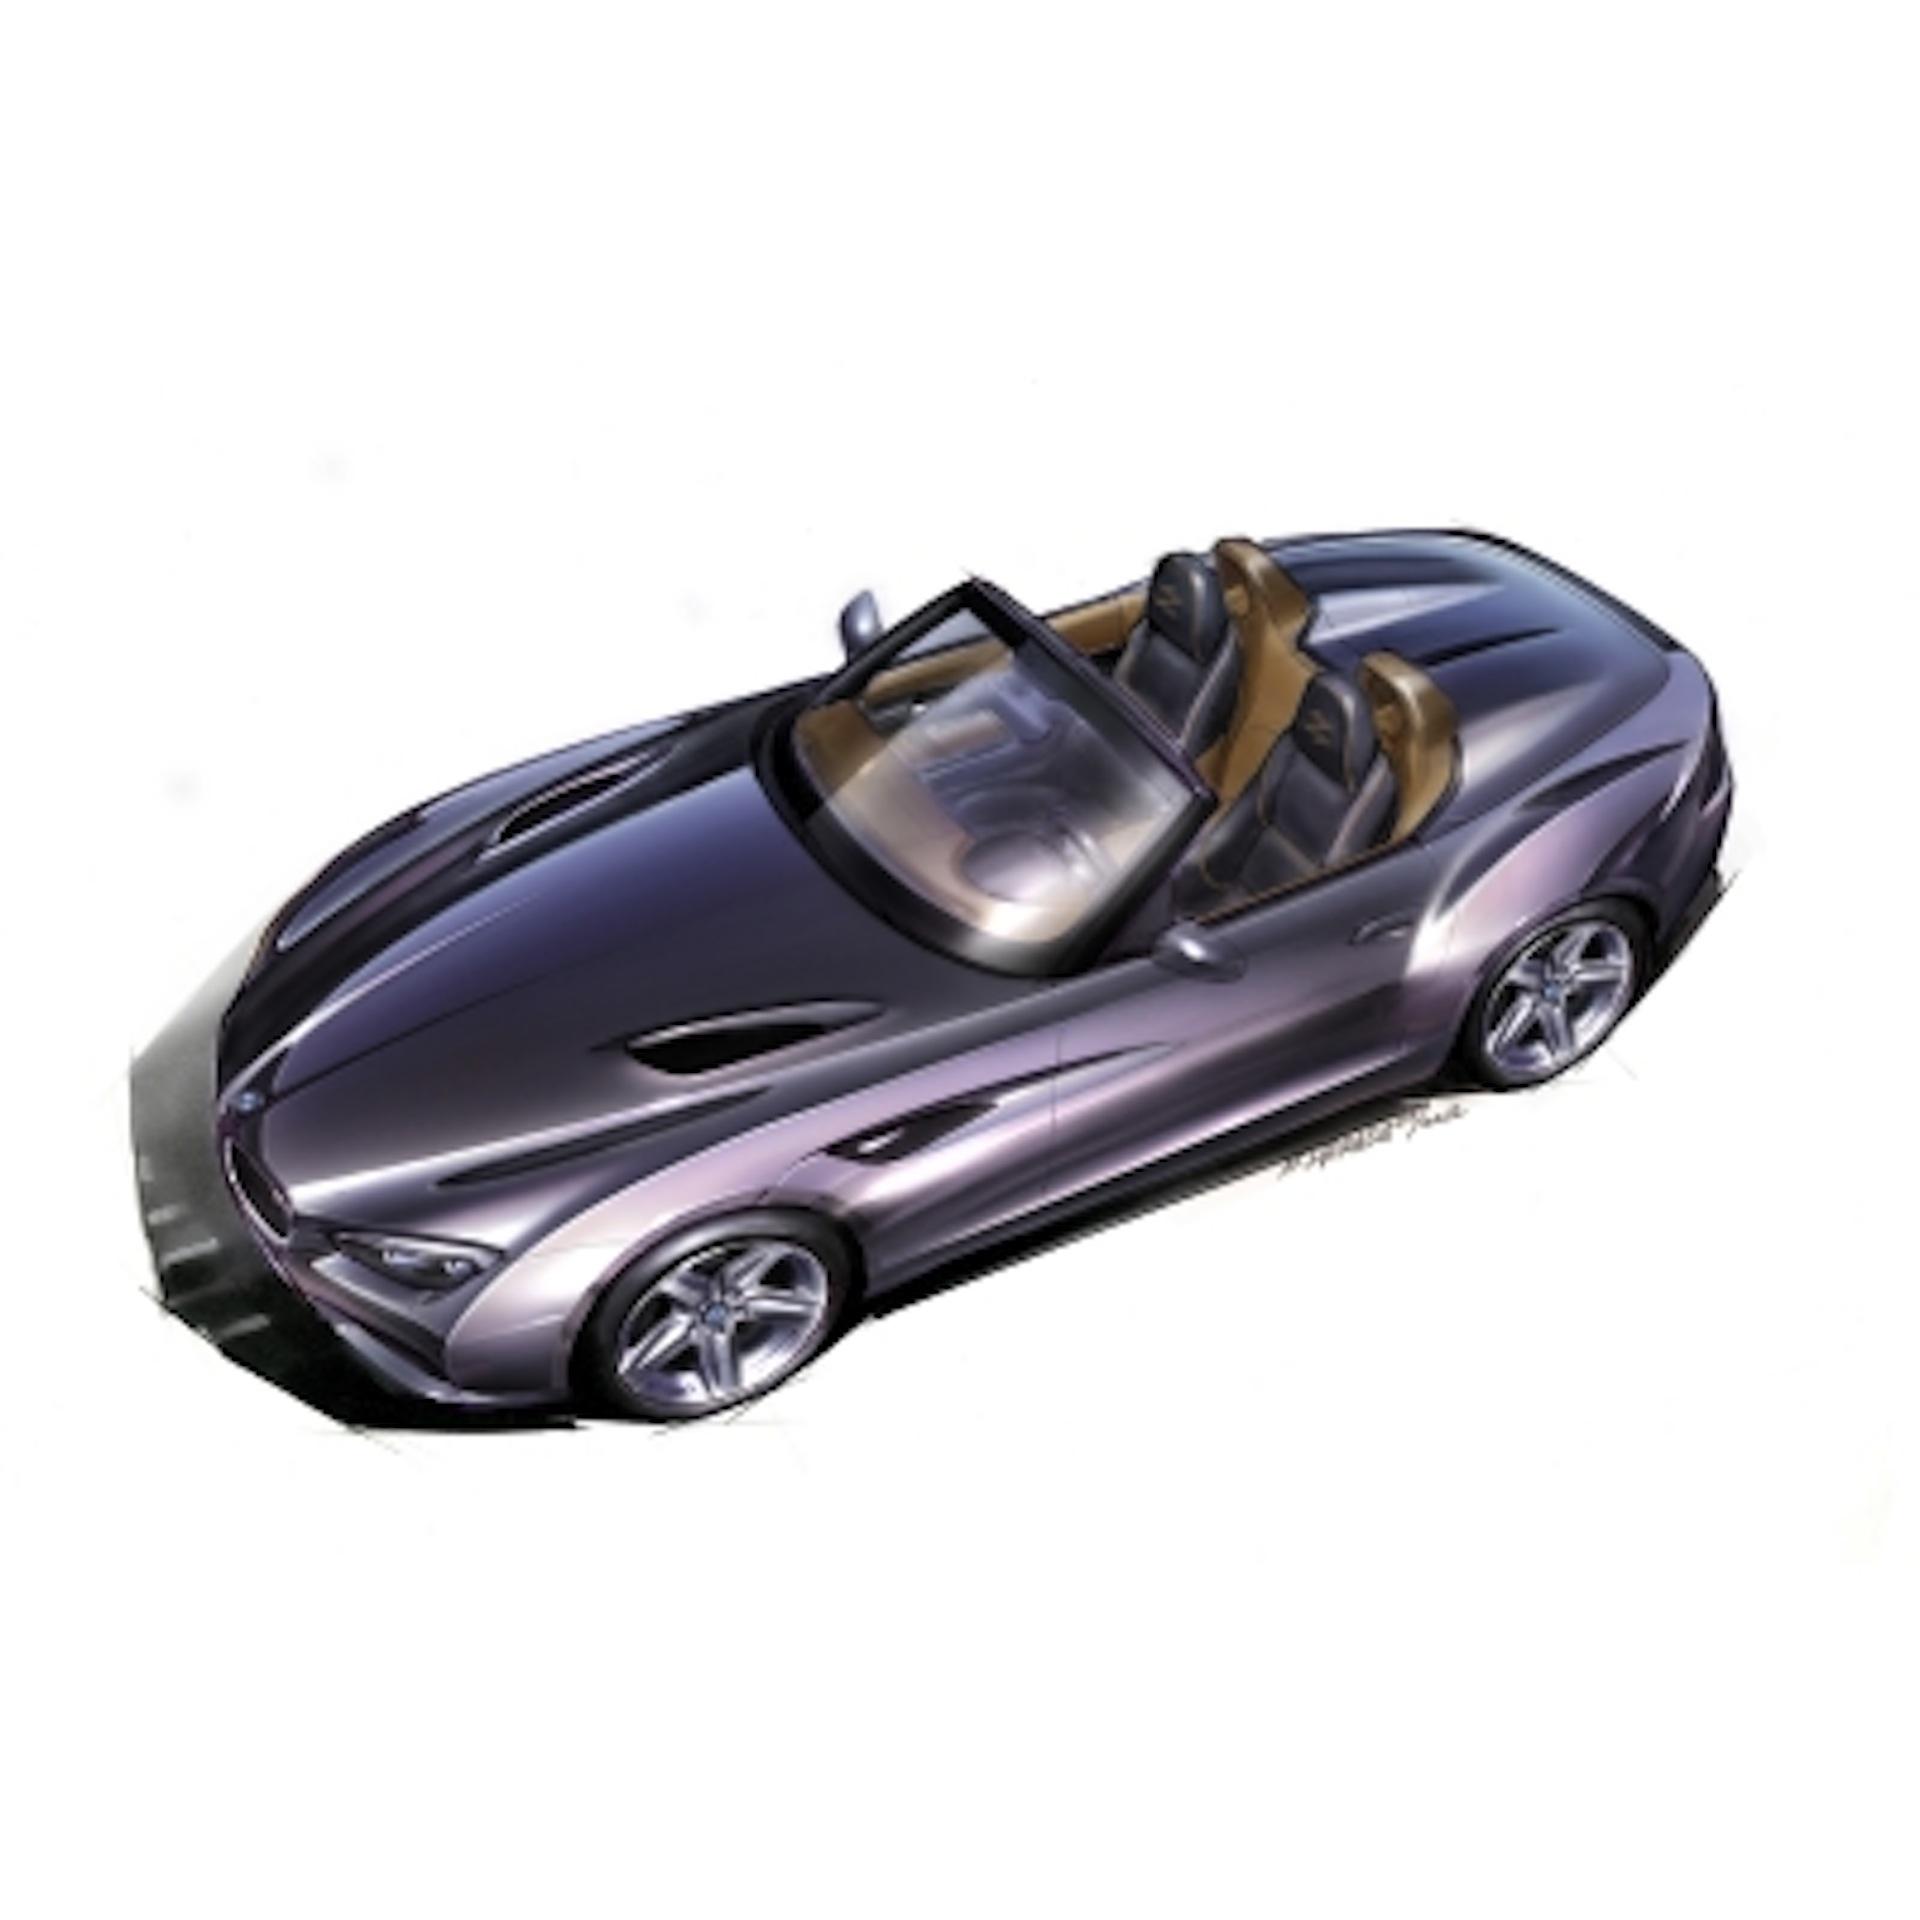 Bmw Zagato Roadster: BMW Unveils Zagato Roadster